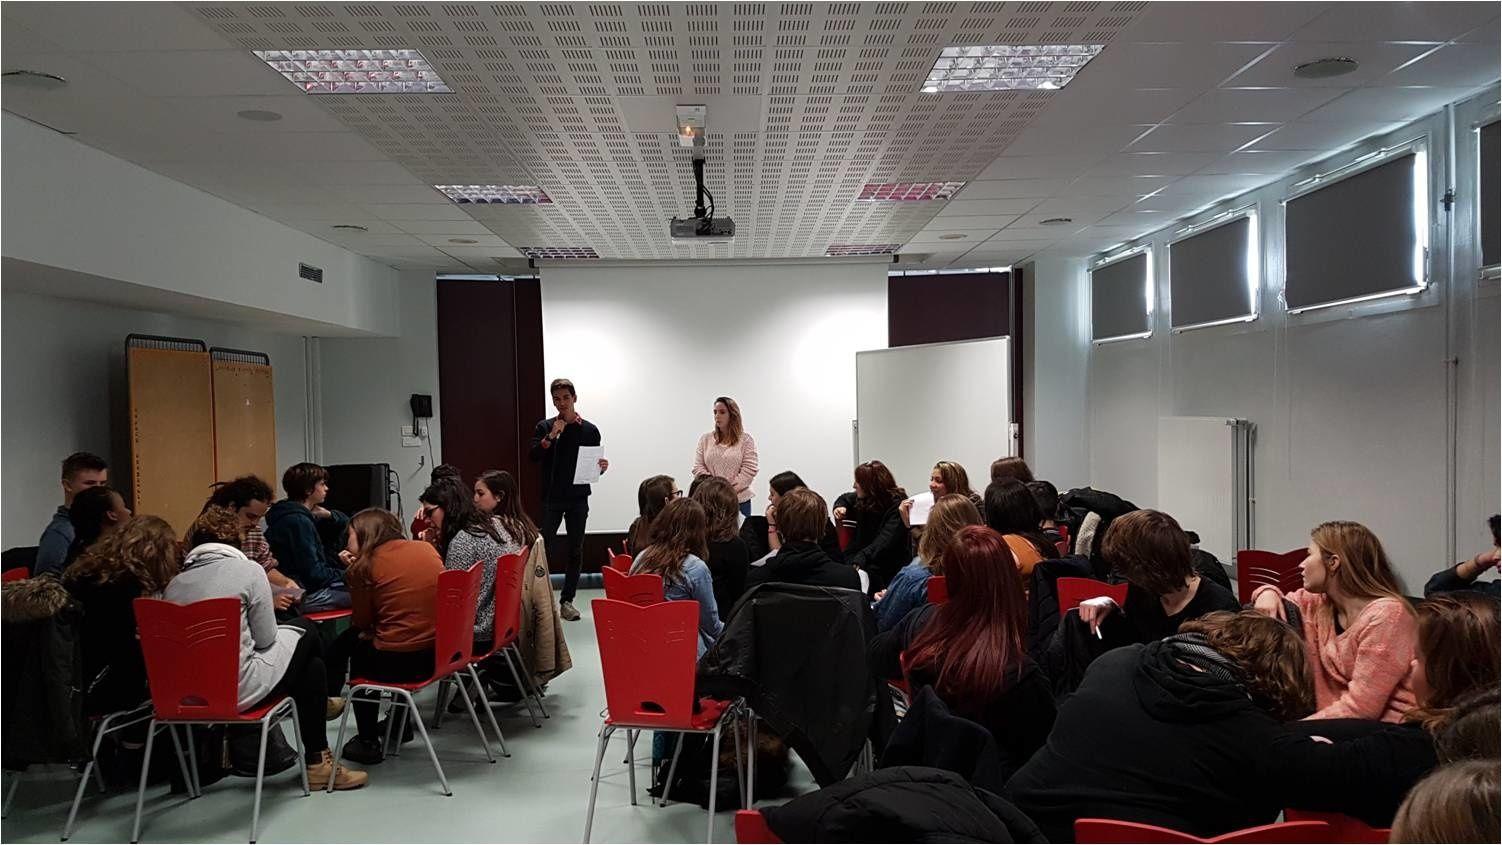 Luca à Brest 2/6 : le projet i-voix